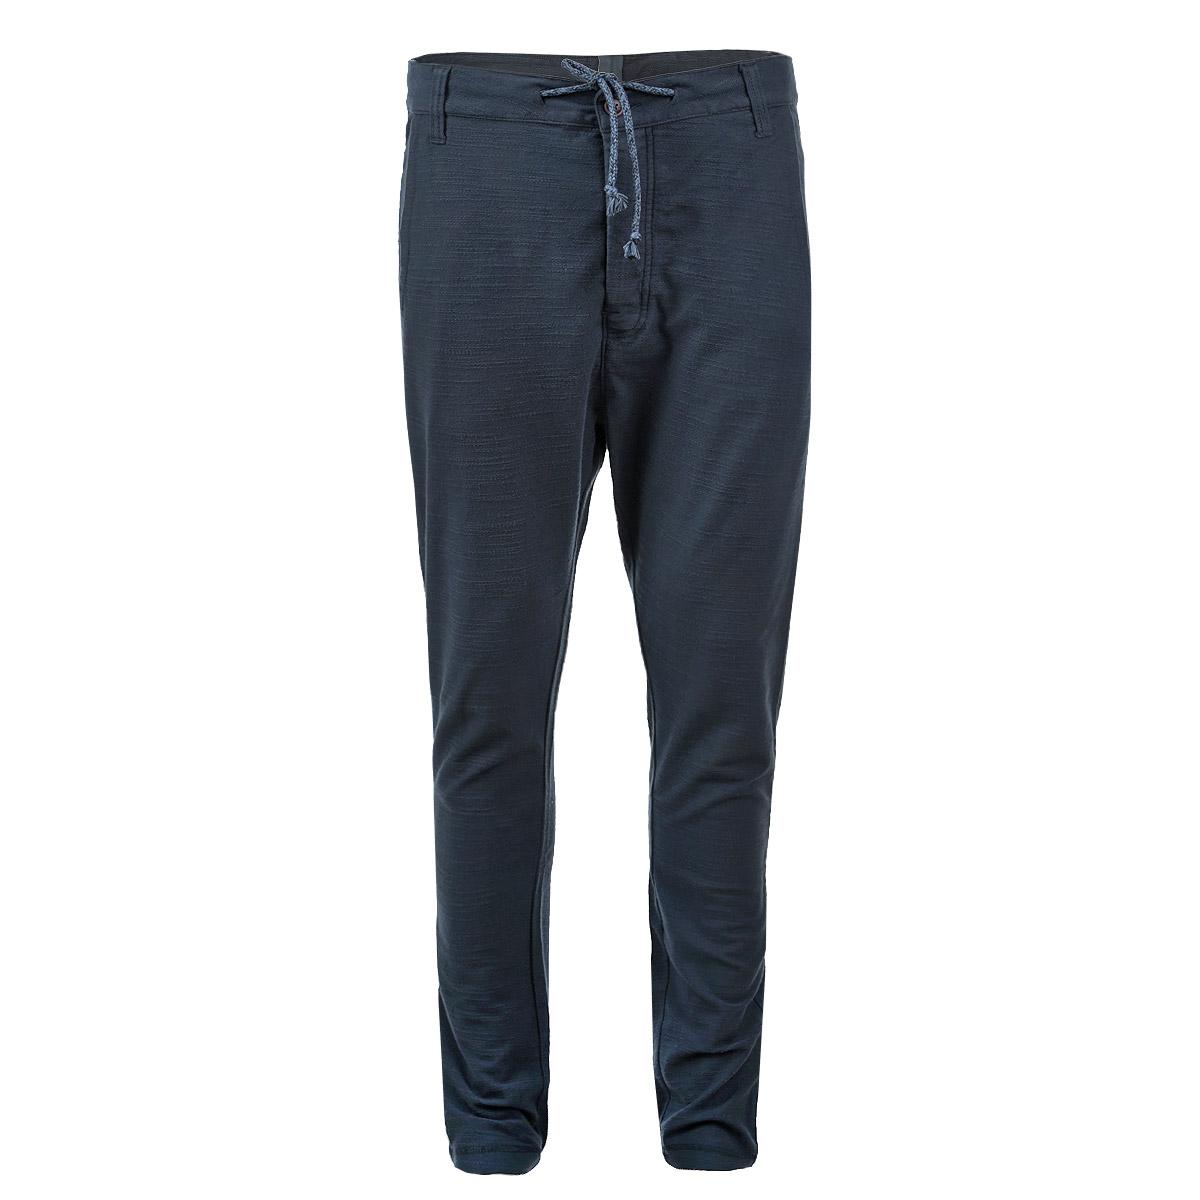 Брюки6828609.00.12Стильные мужские брюки Tom Tailor Denim станут отличным дополнением к вашему гардеробу. Модель прямого кроя и средней посадки изготовлена из высококачественного 100% хлопка, она великолепно пропускает воздух и обладает высокой гигроскопичностью. Застегиваются брюки на пуговицы, объем талии регулируется при помощи шнурка-кулиски. На поясе имеются шлевки для ремня. Спереди модель оформлена двумя втачными карманами с косыми срезами, сзади - один вшитый карман с клапаном на пуговице. Эти модные и в тоже время удобные брюки помогут вам создать оригинальный современный образ. В них вы всегда будете чувствовать себя уверенно и комфортно.